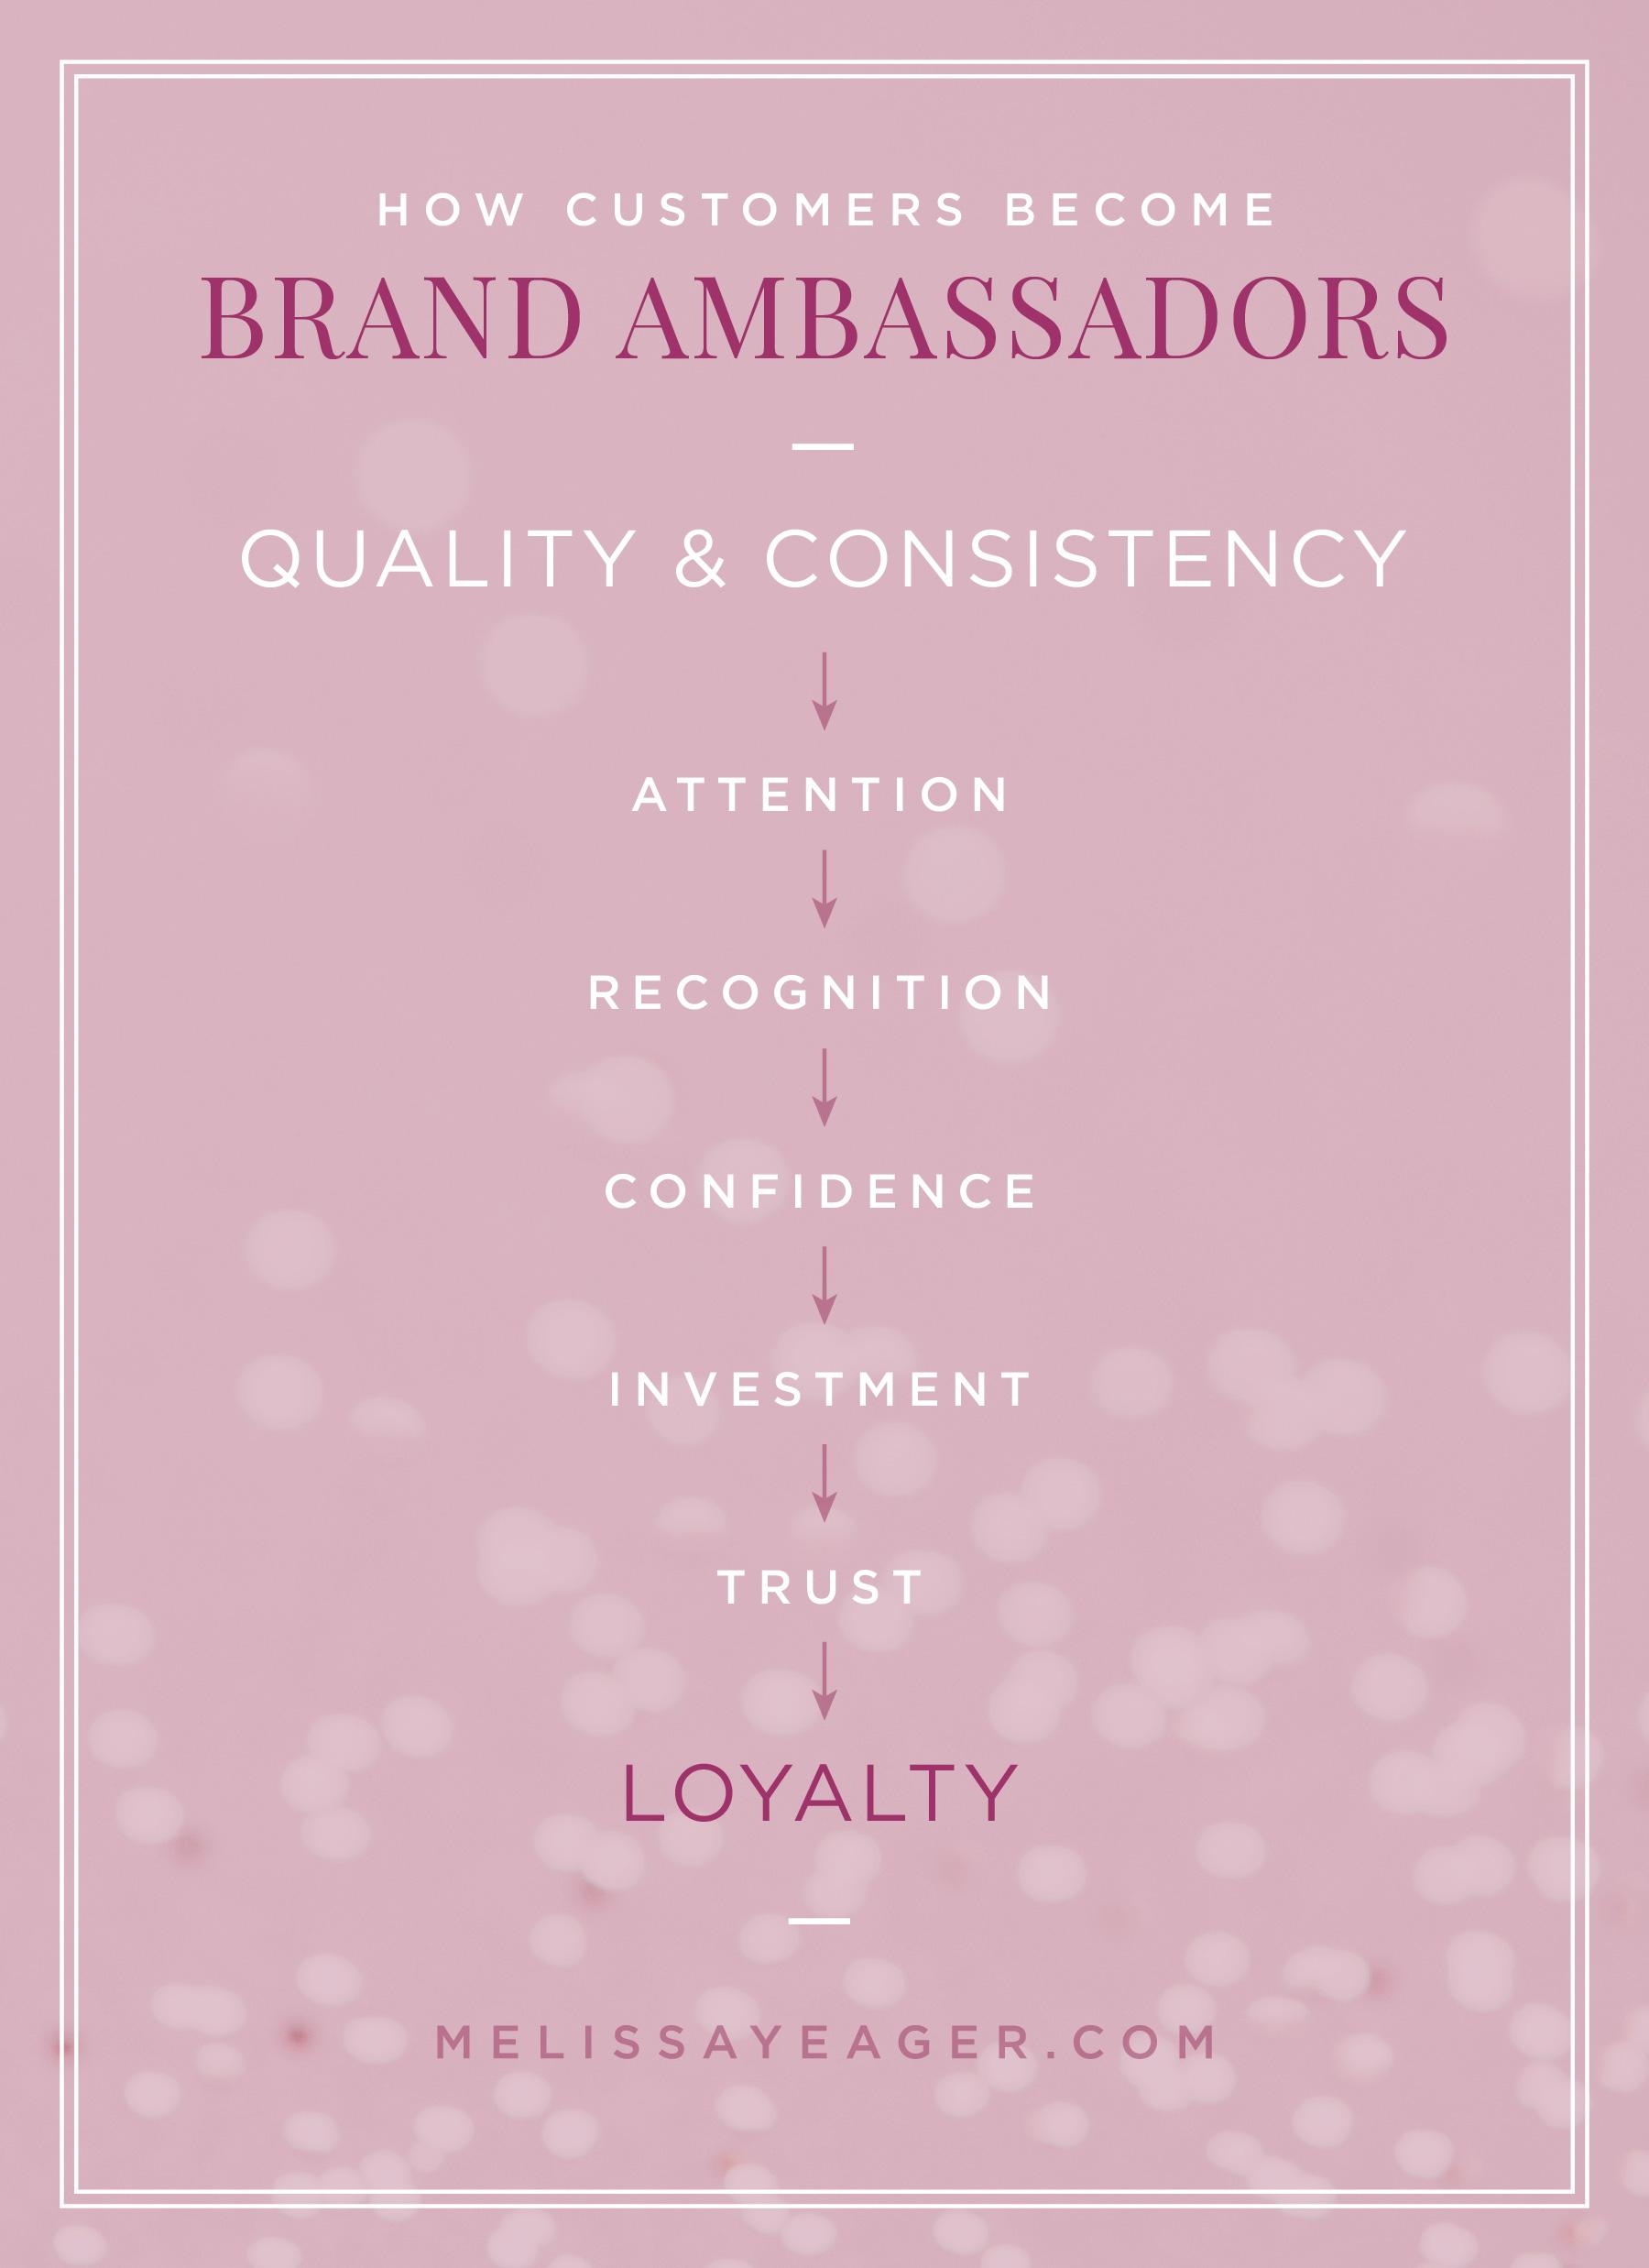 How Customers Become Loyal Brand Ambassadors